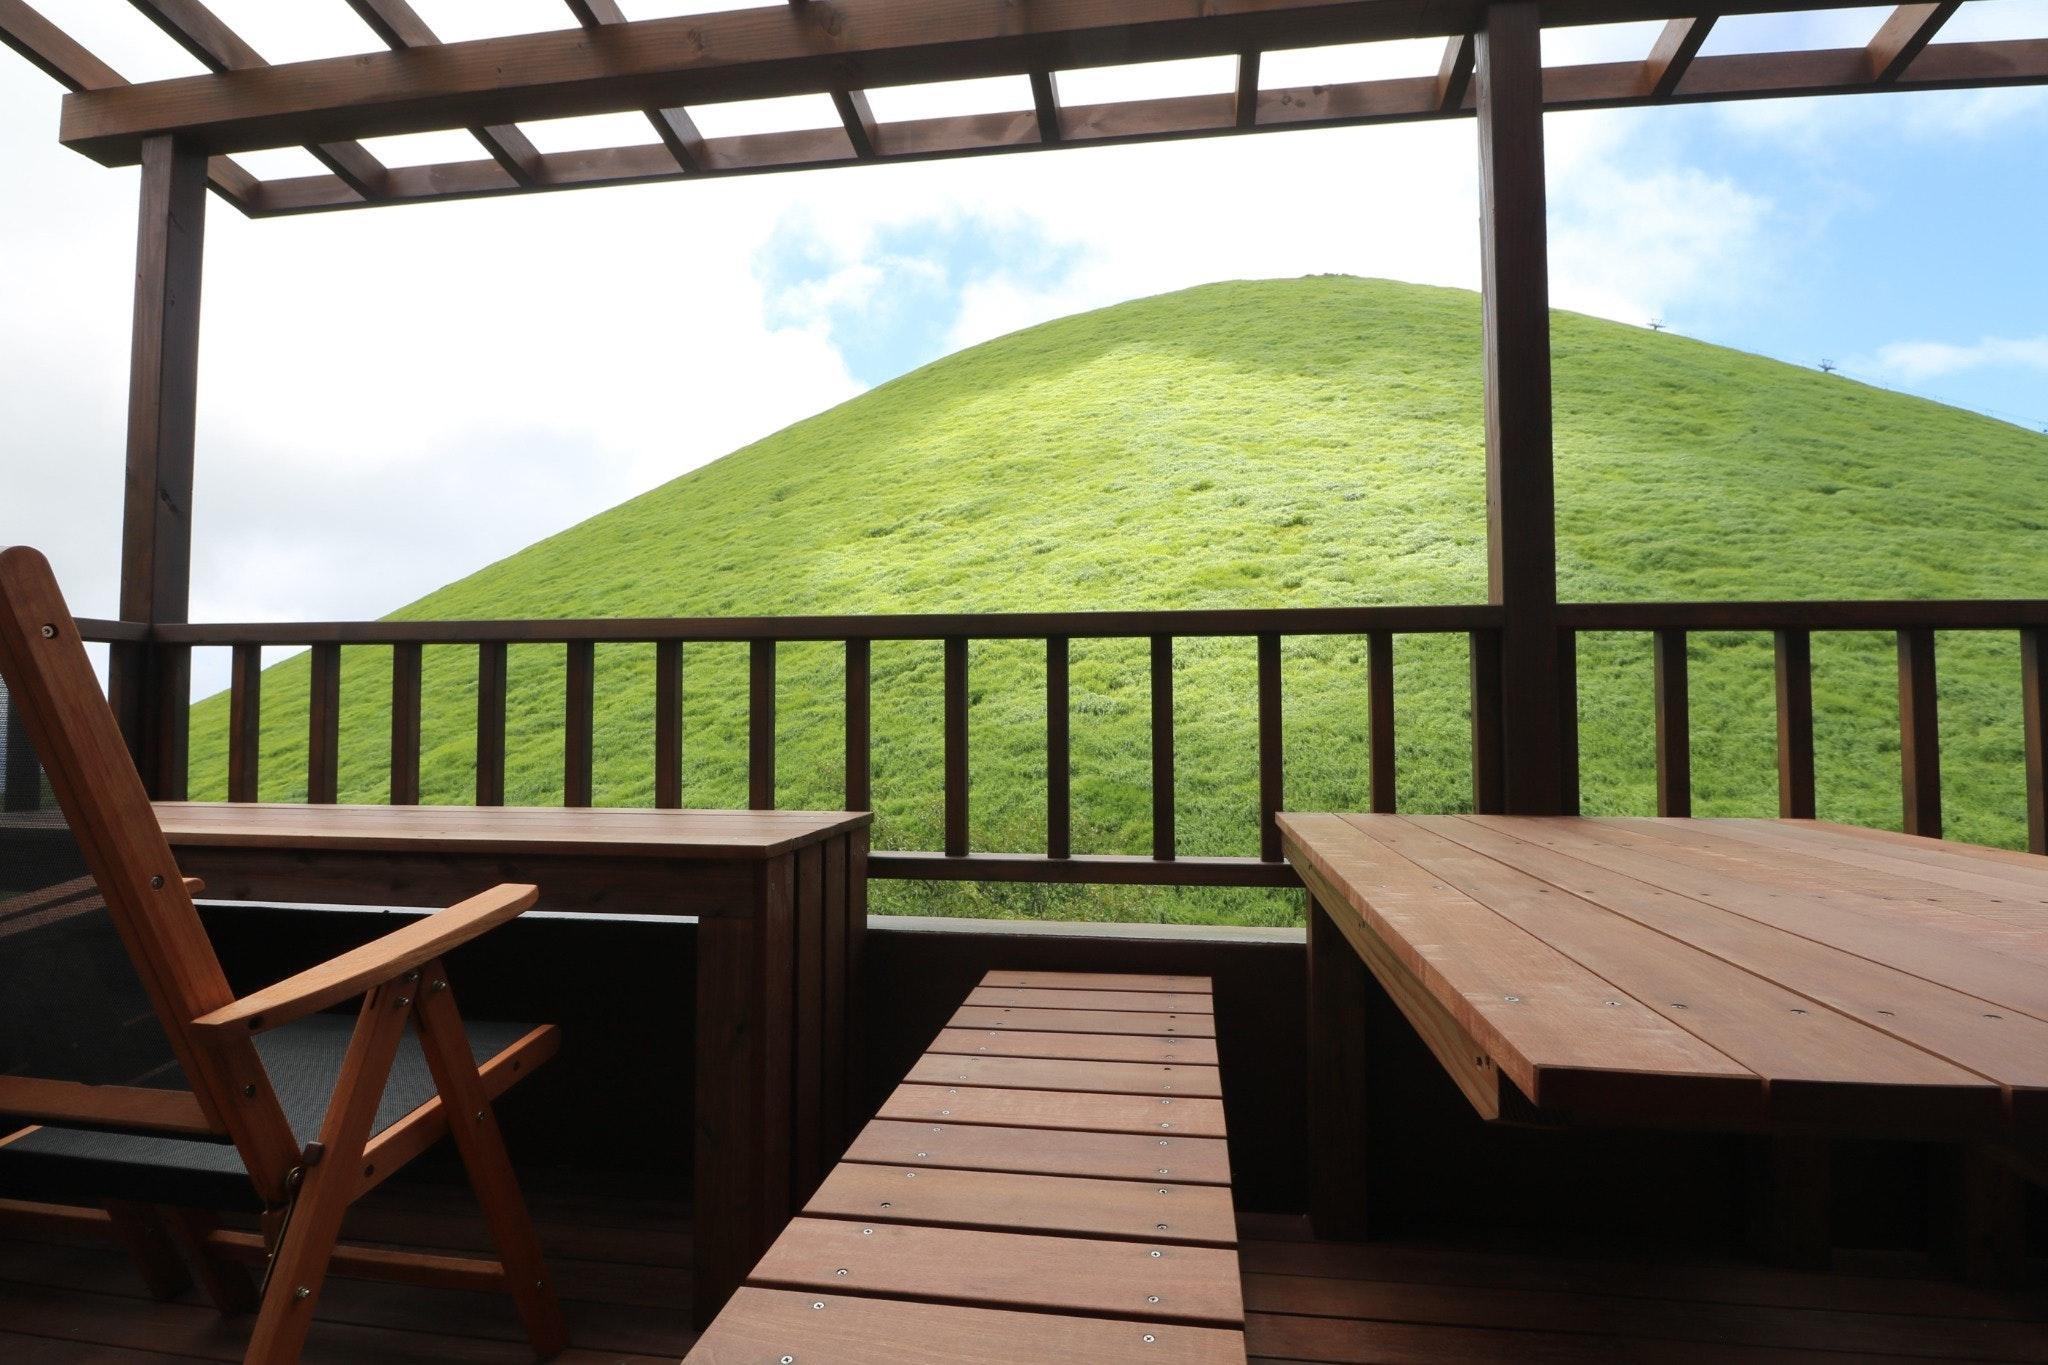 絶景!伊豆の大室山眼前の英国風ロッジ■海や富士山も望む!大室山・シャボテン動物公園徒歩1分